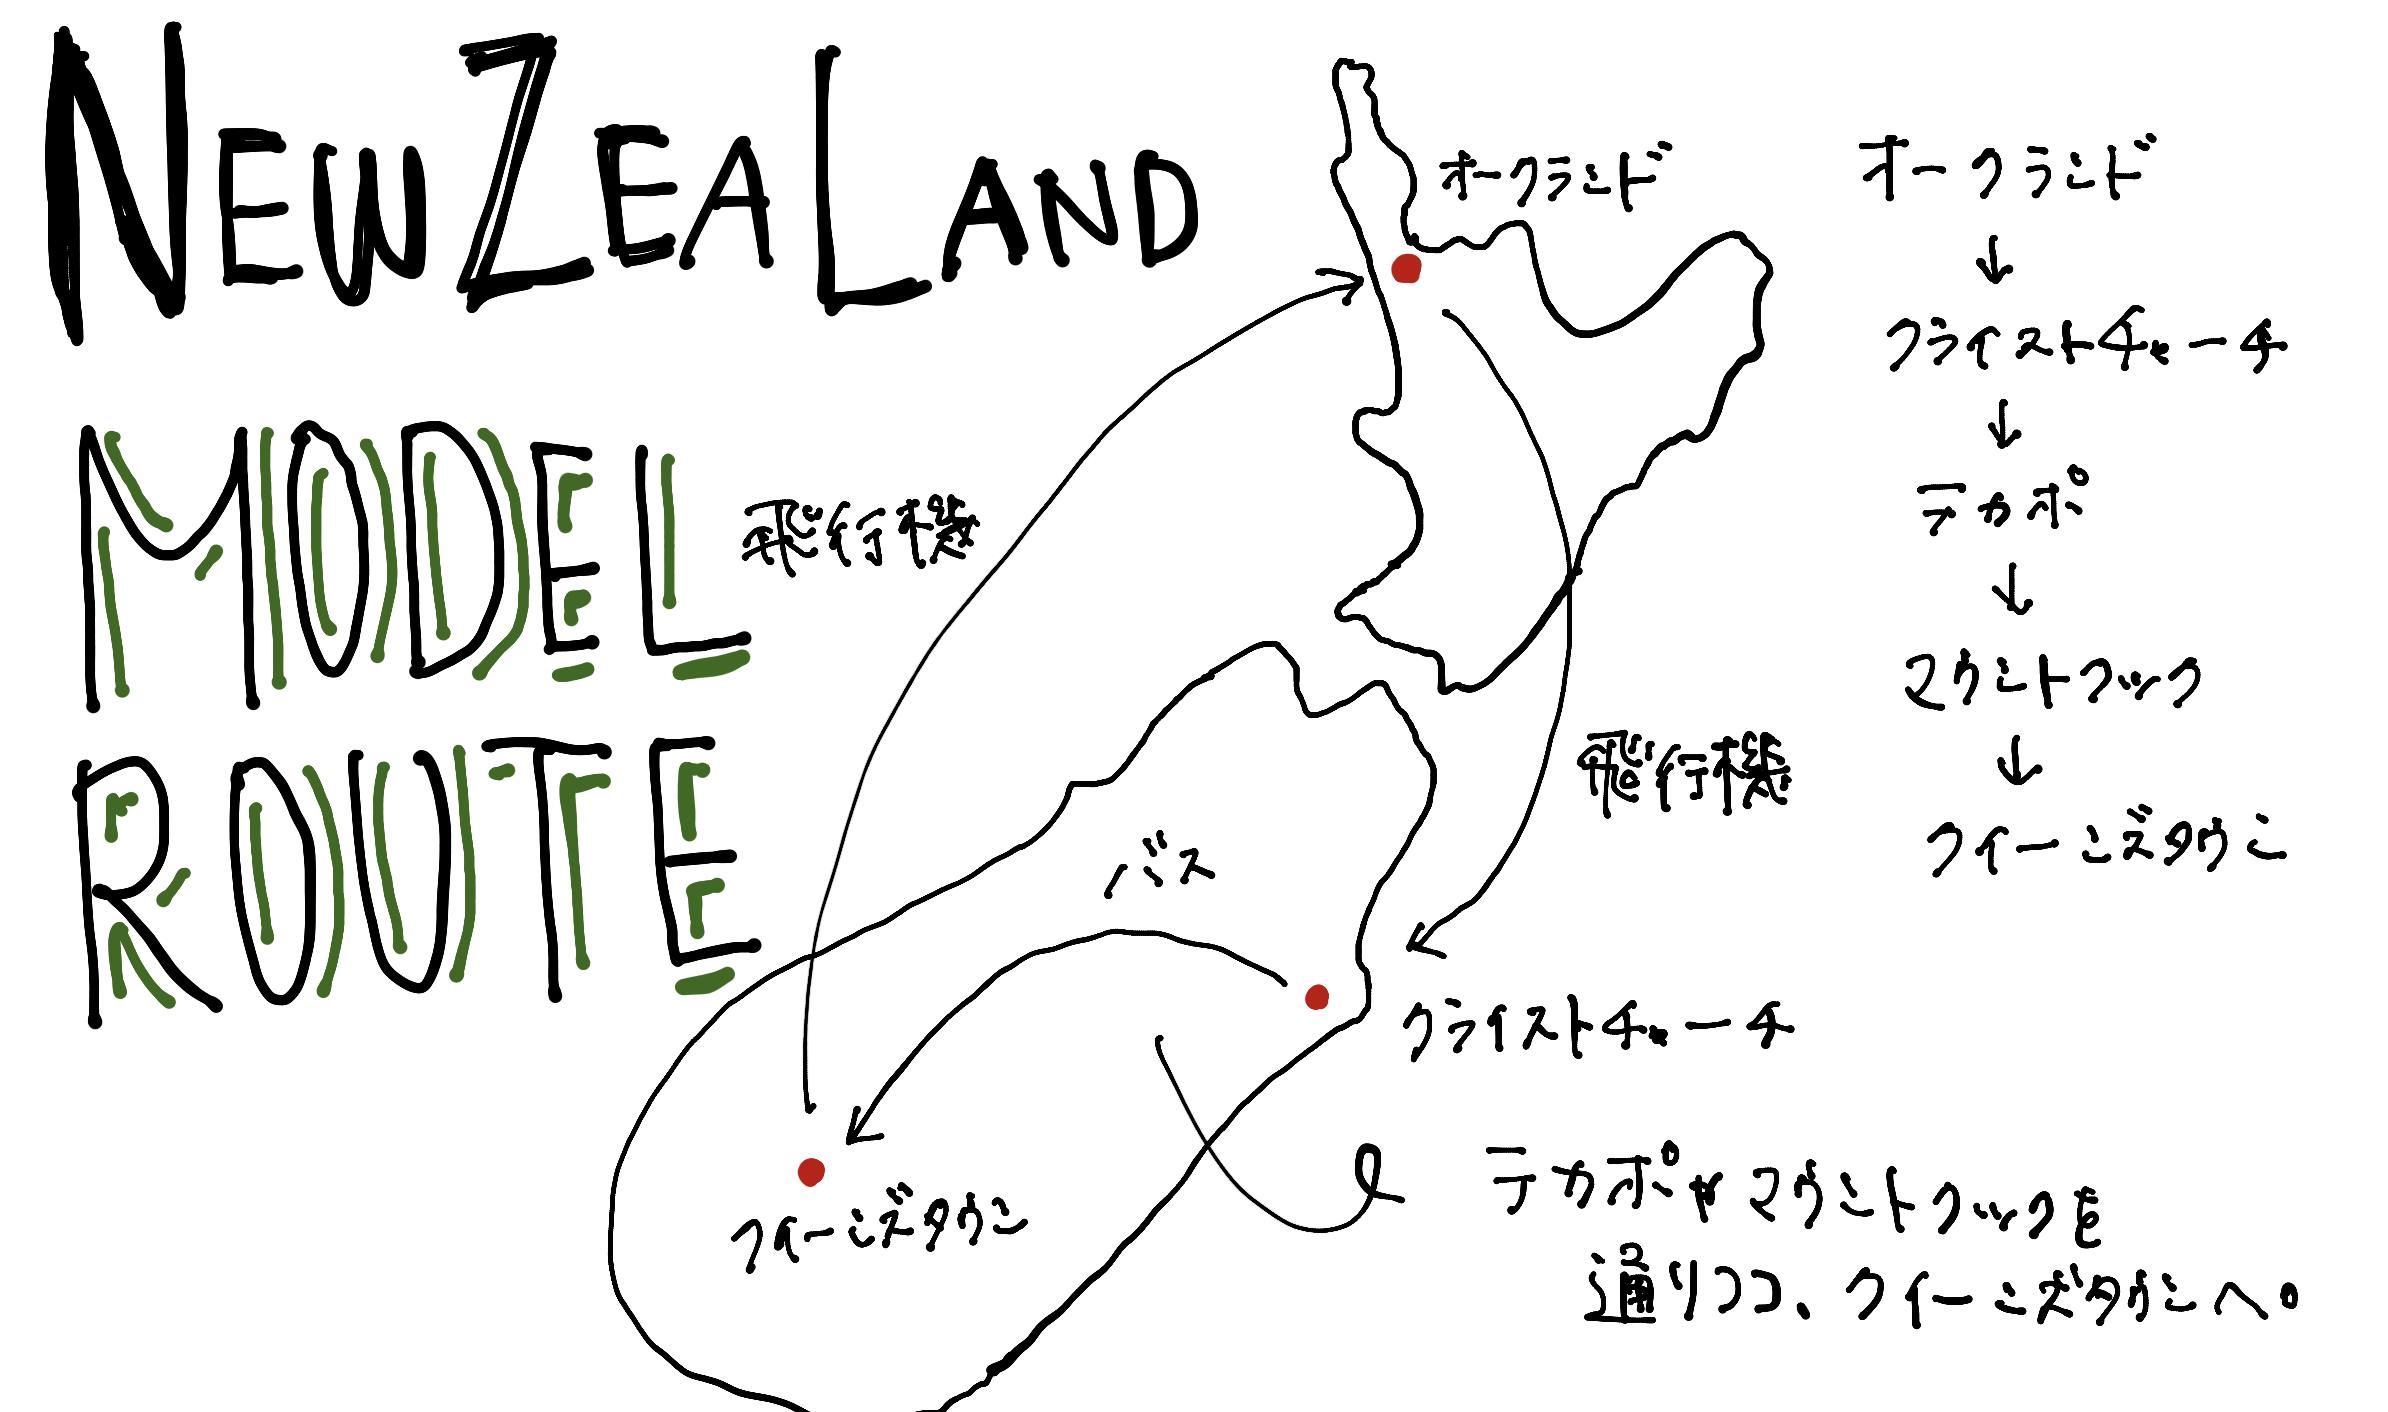 ニュージーランド モデルプラン